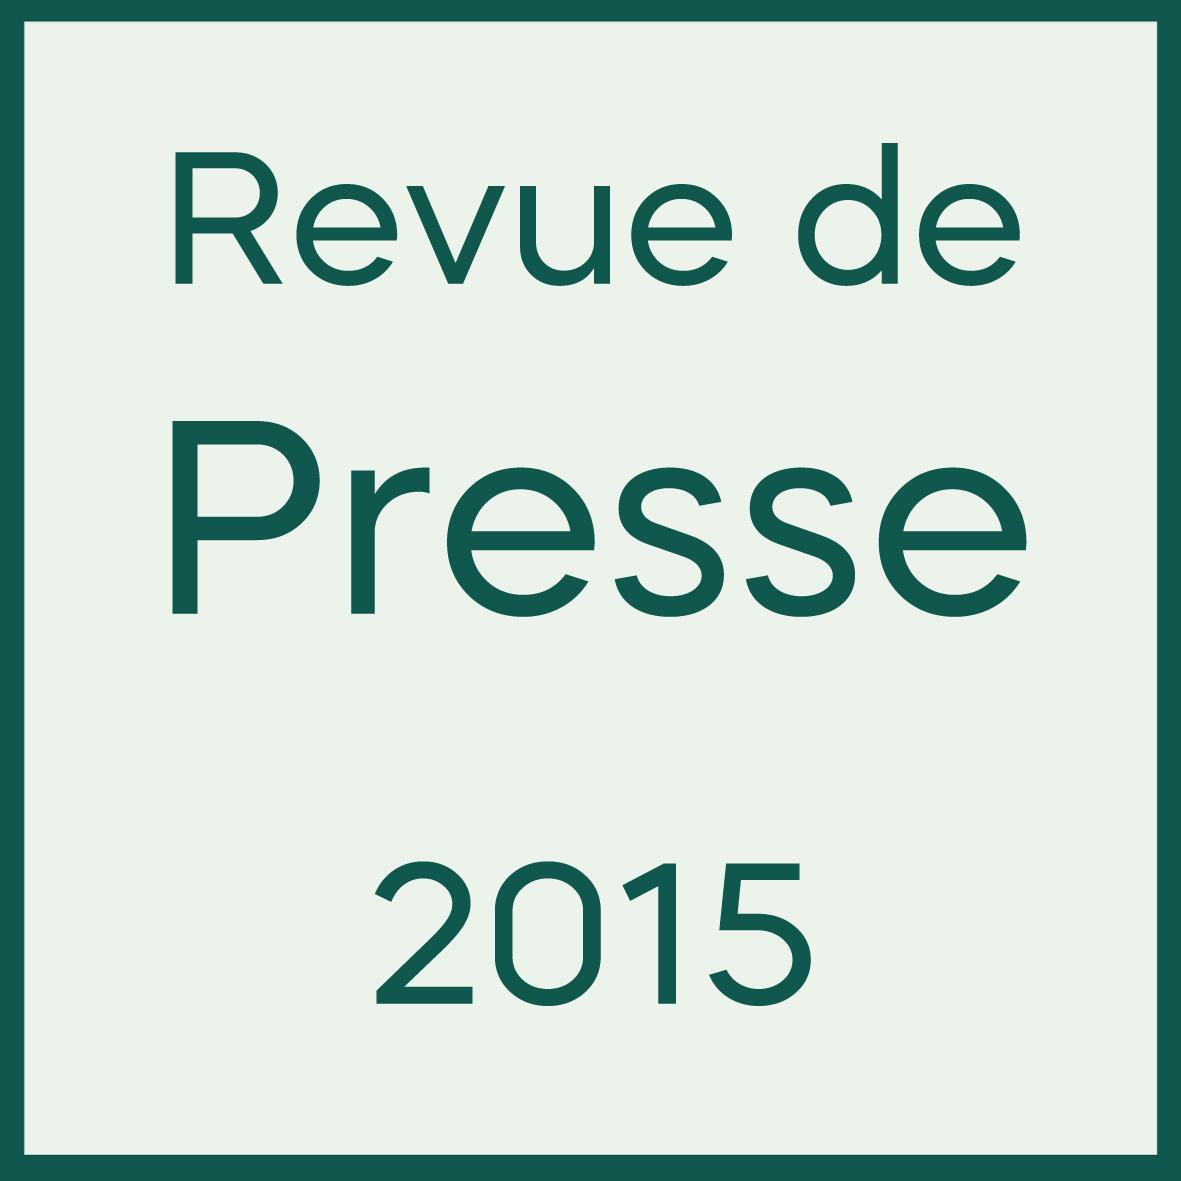 revue-de-presse-2015-1